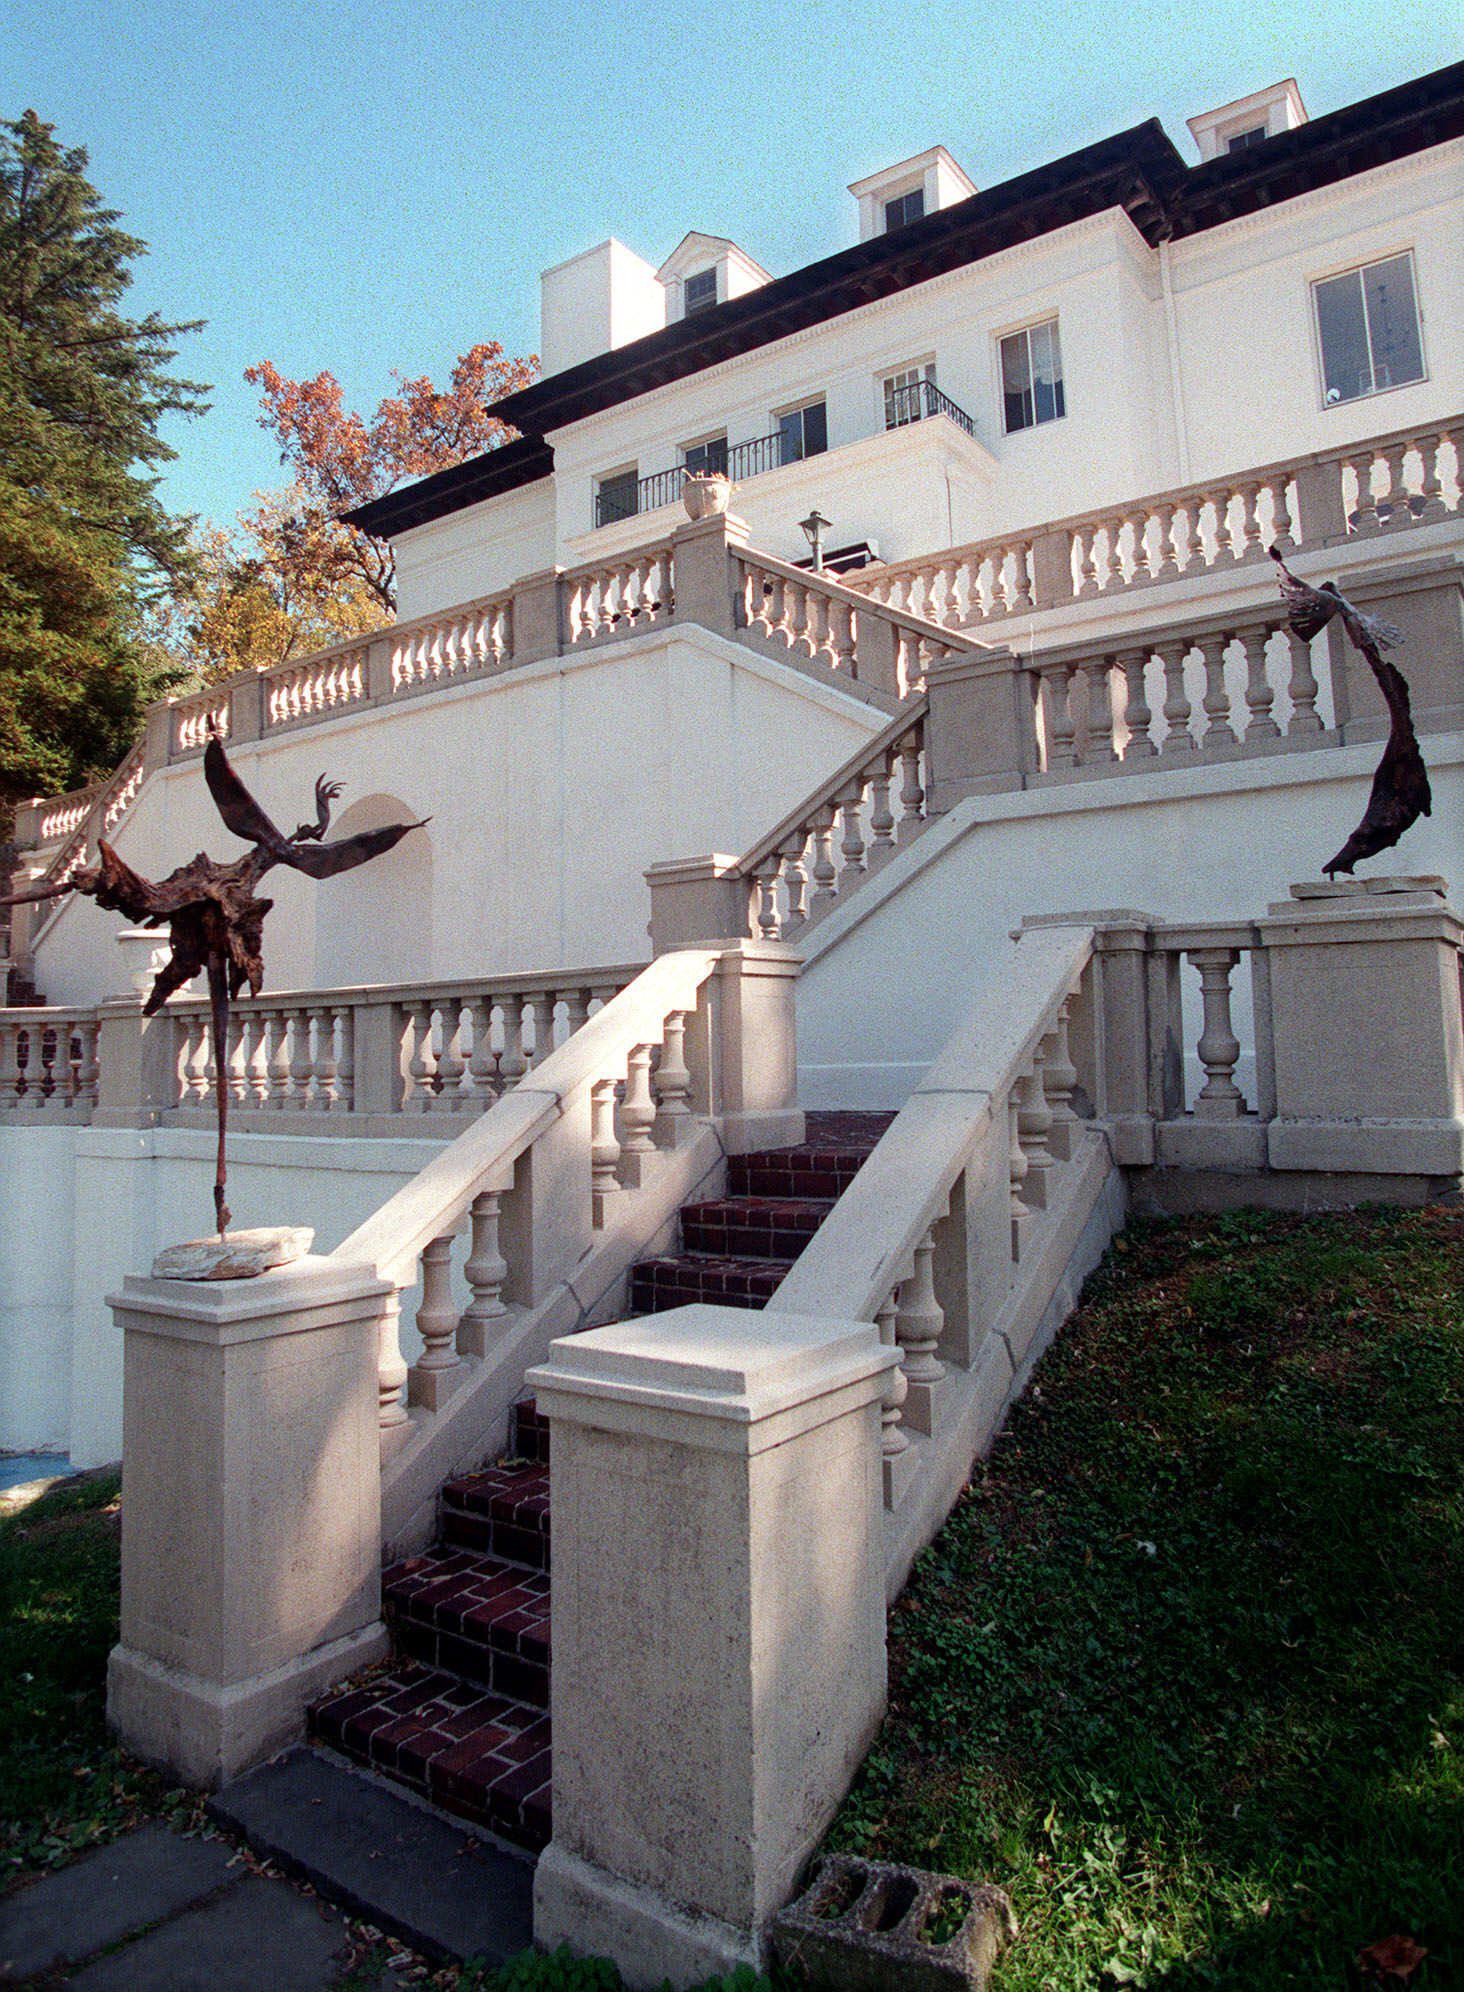 Villa Lewaro, uma mansão secular em estilo italiano que foi o lar de Madame C.J. Walker, uma empresária negra considerada a primeira milionária self-made do país, em Irvington, Nova York.